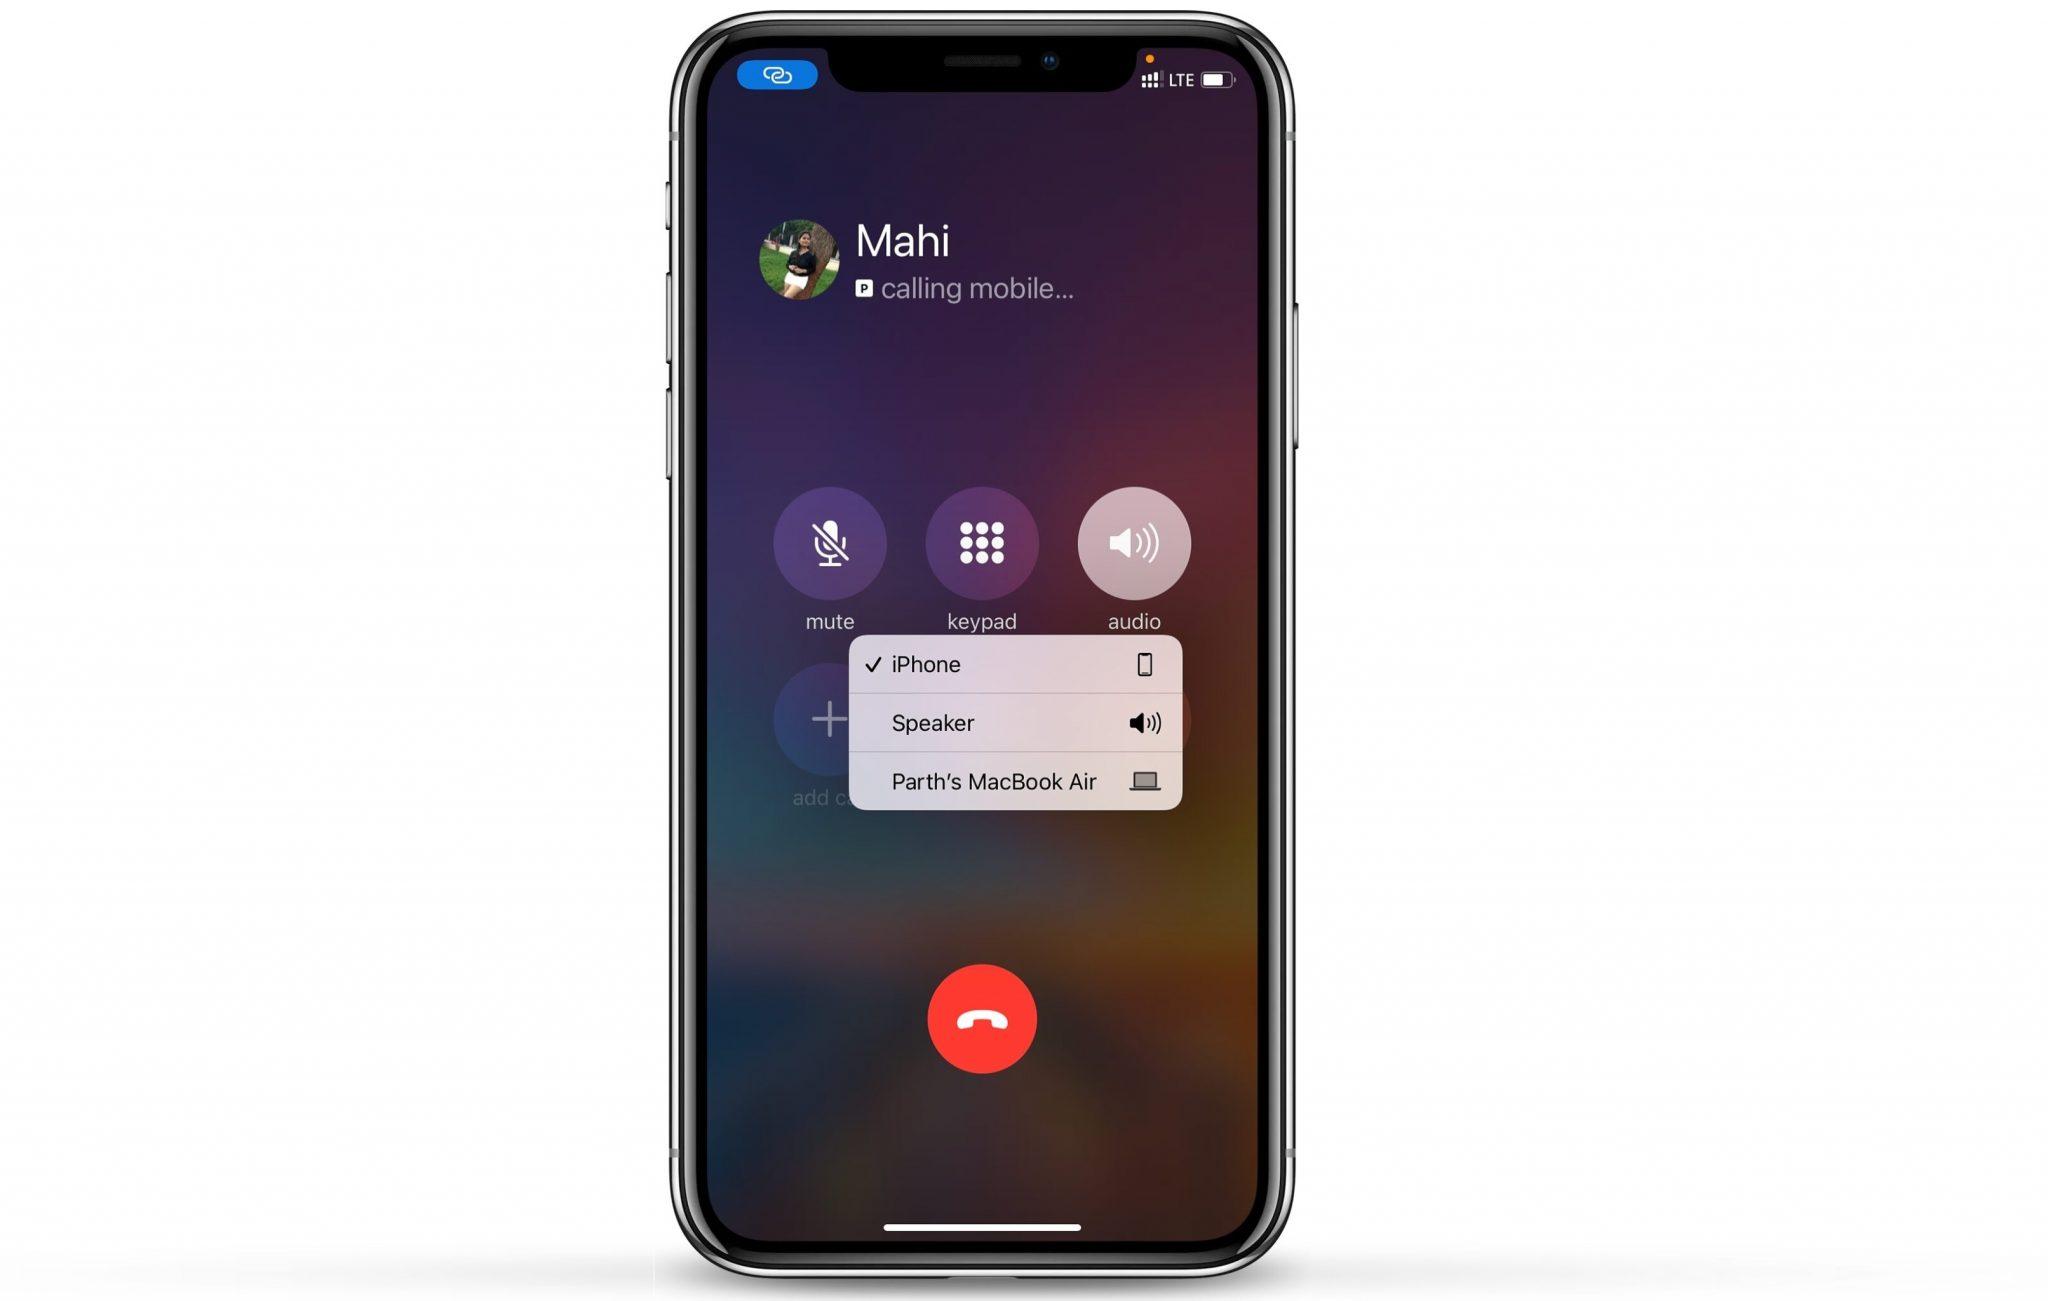 Giao diện người dùng âm thanh mới trong khi gọi